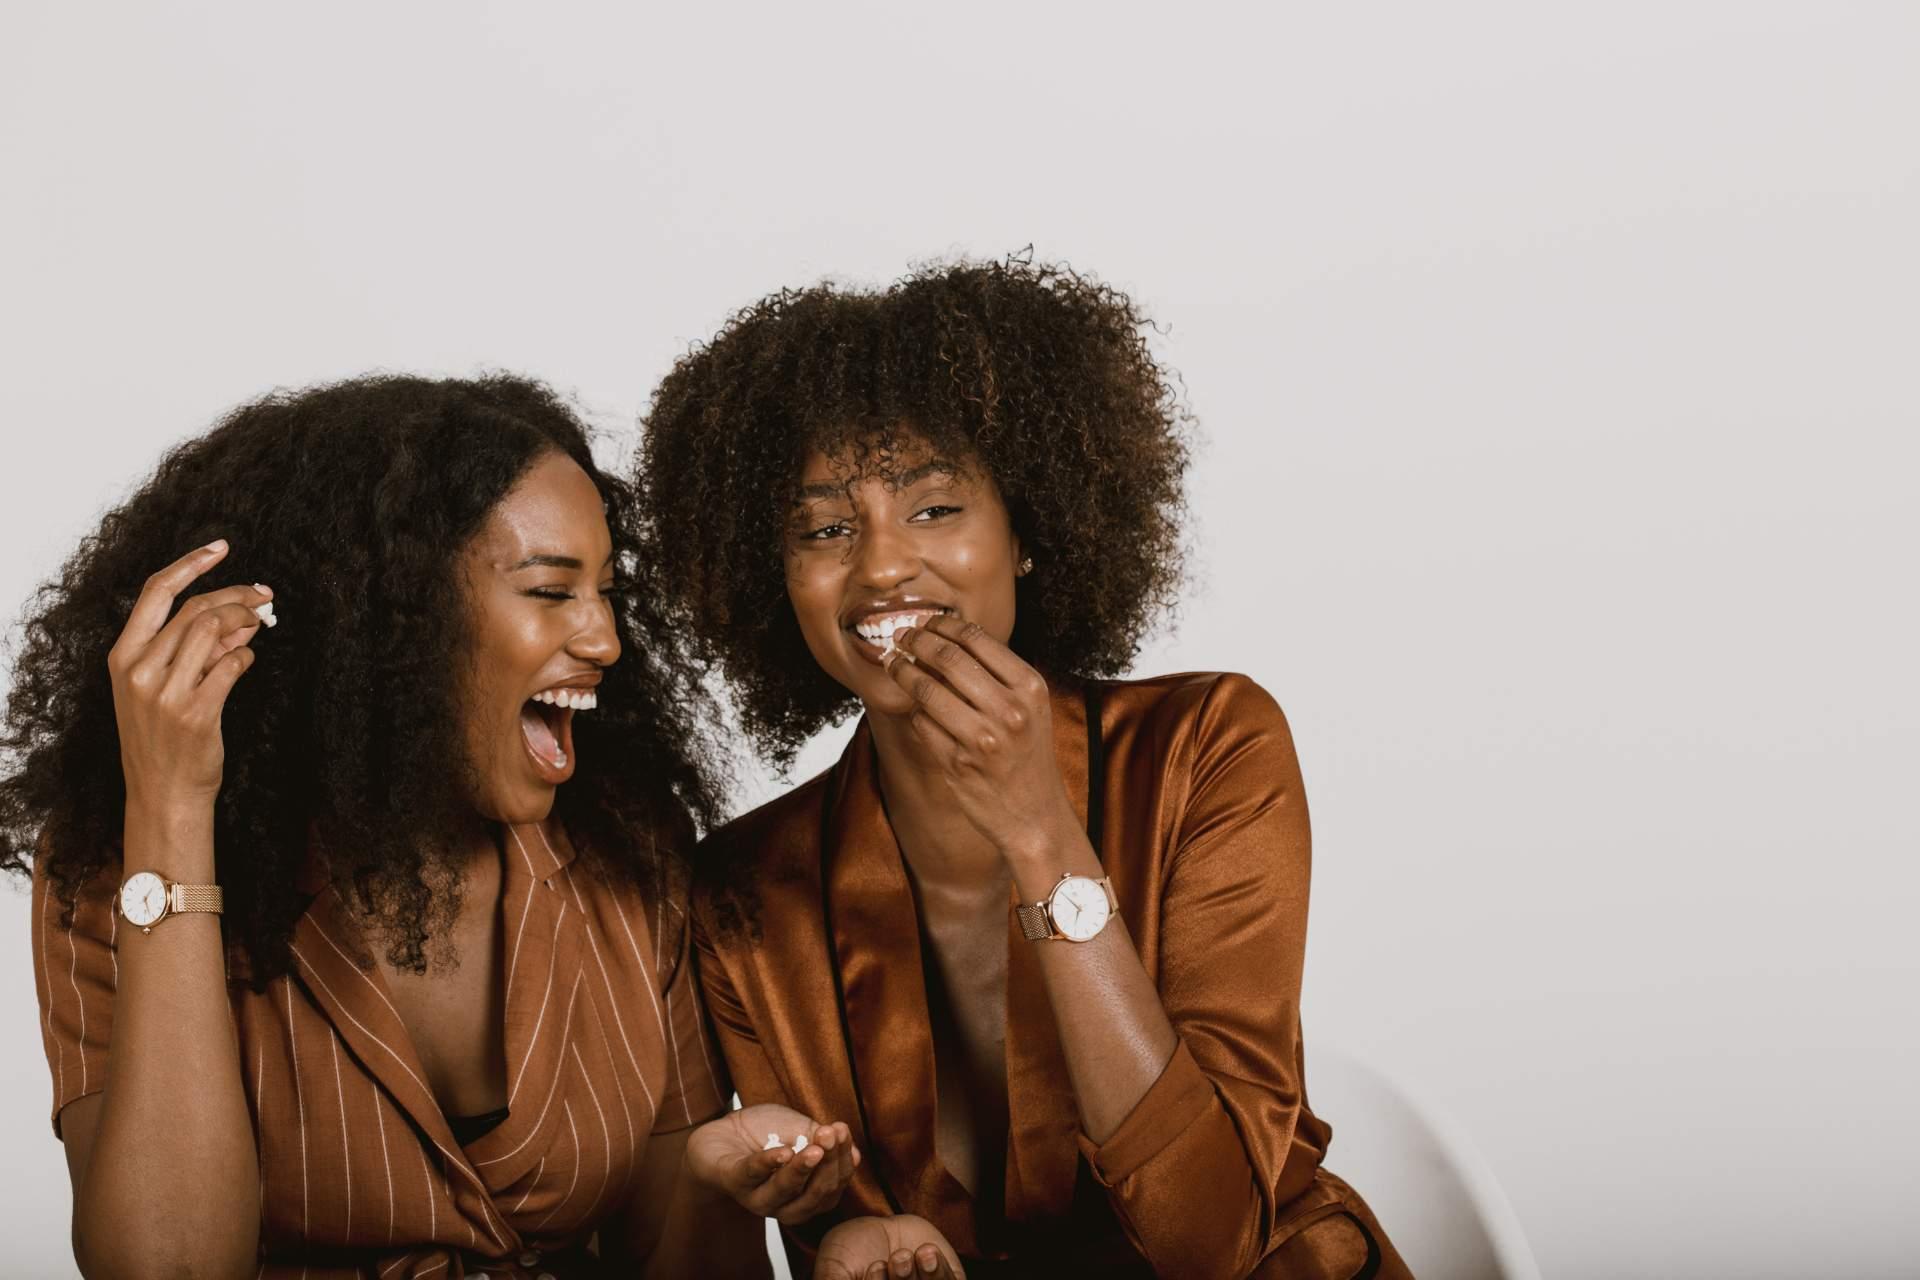 Zwei junge Frauen lachen